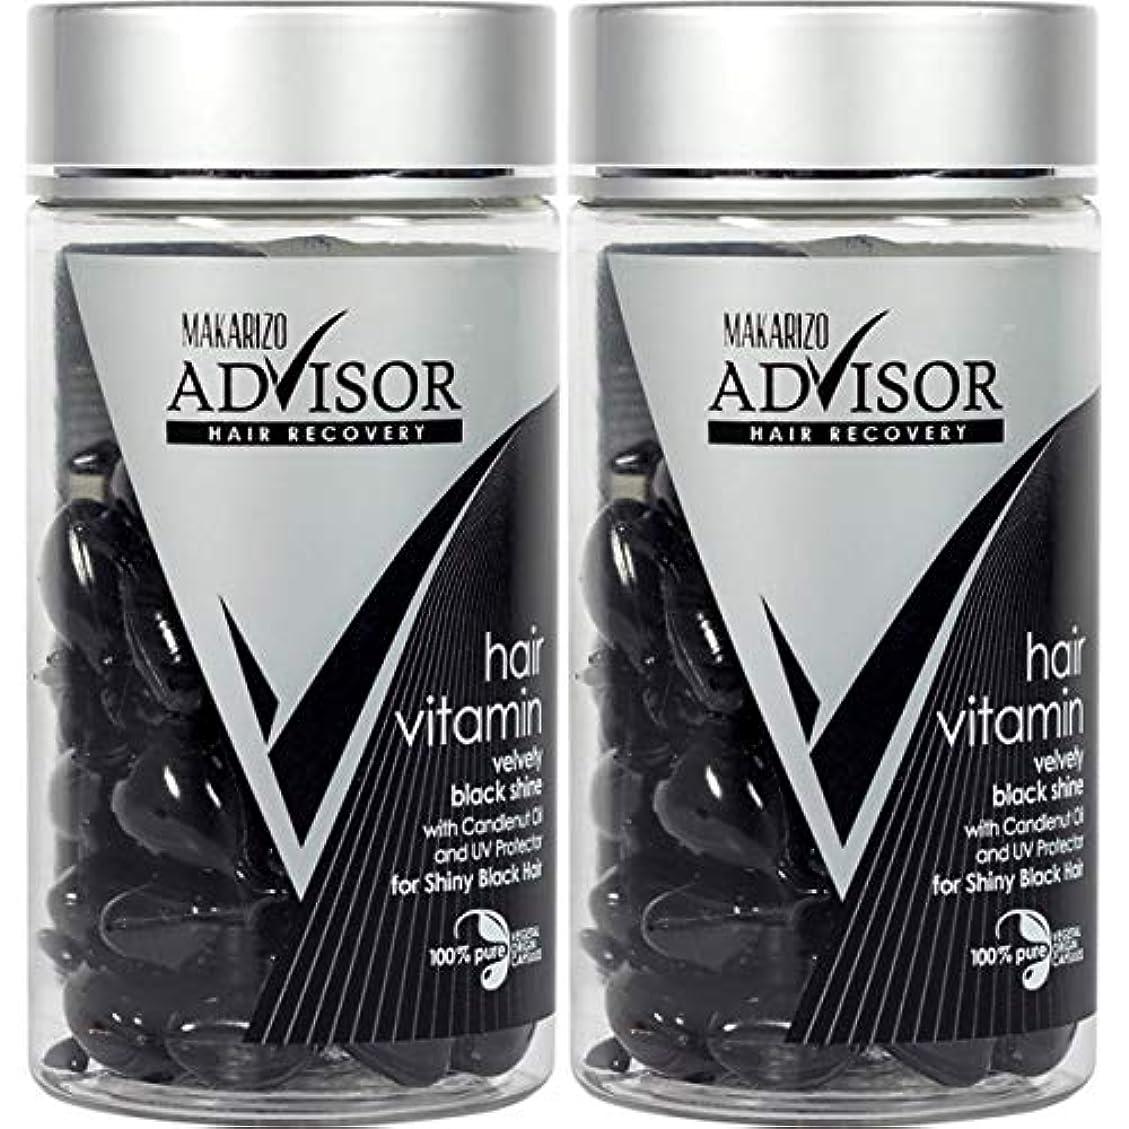 メキシコ盆地原子MAKARIZO マカリゾ Advisor アドバイザー Hair Vitamin ヘアビタミン 50粒入ボトル×2個セット Velvety Black Shine ブラック [海外直送品]